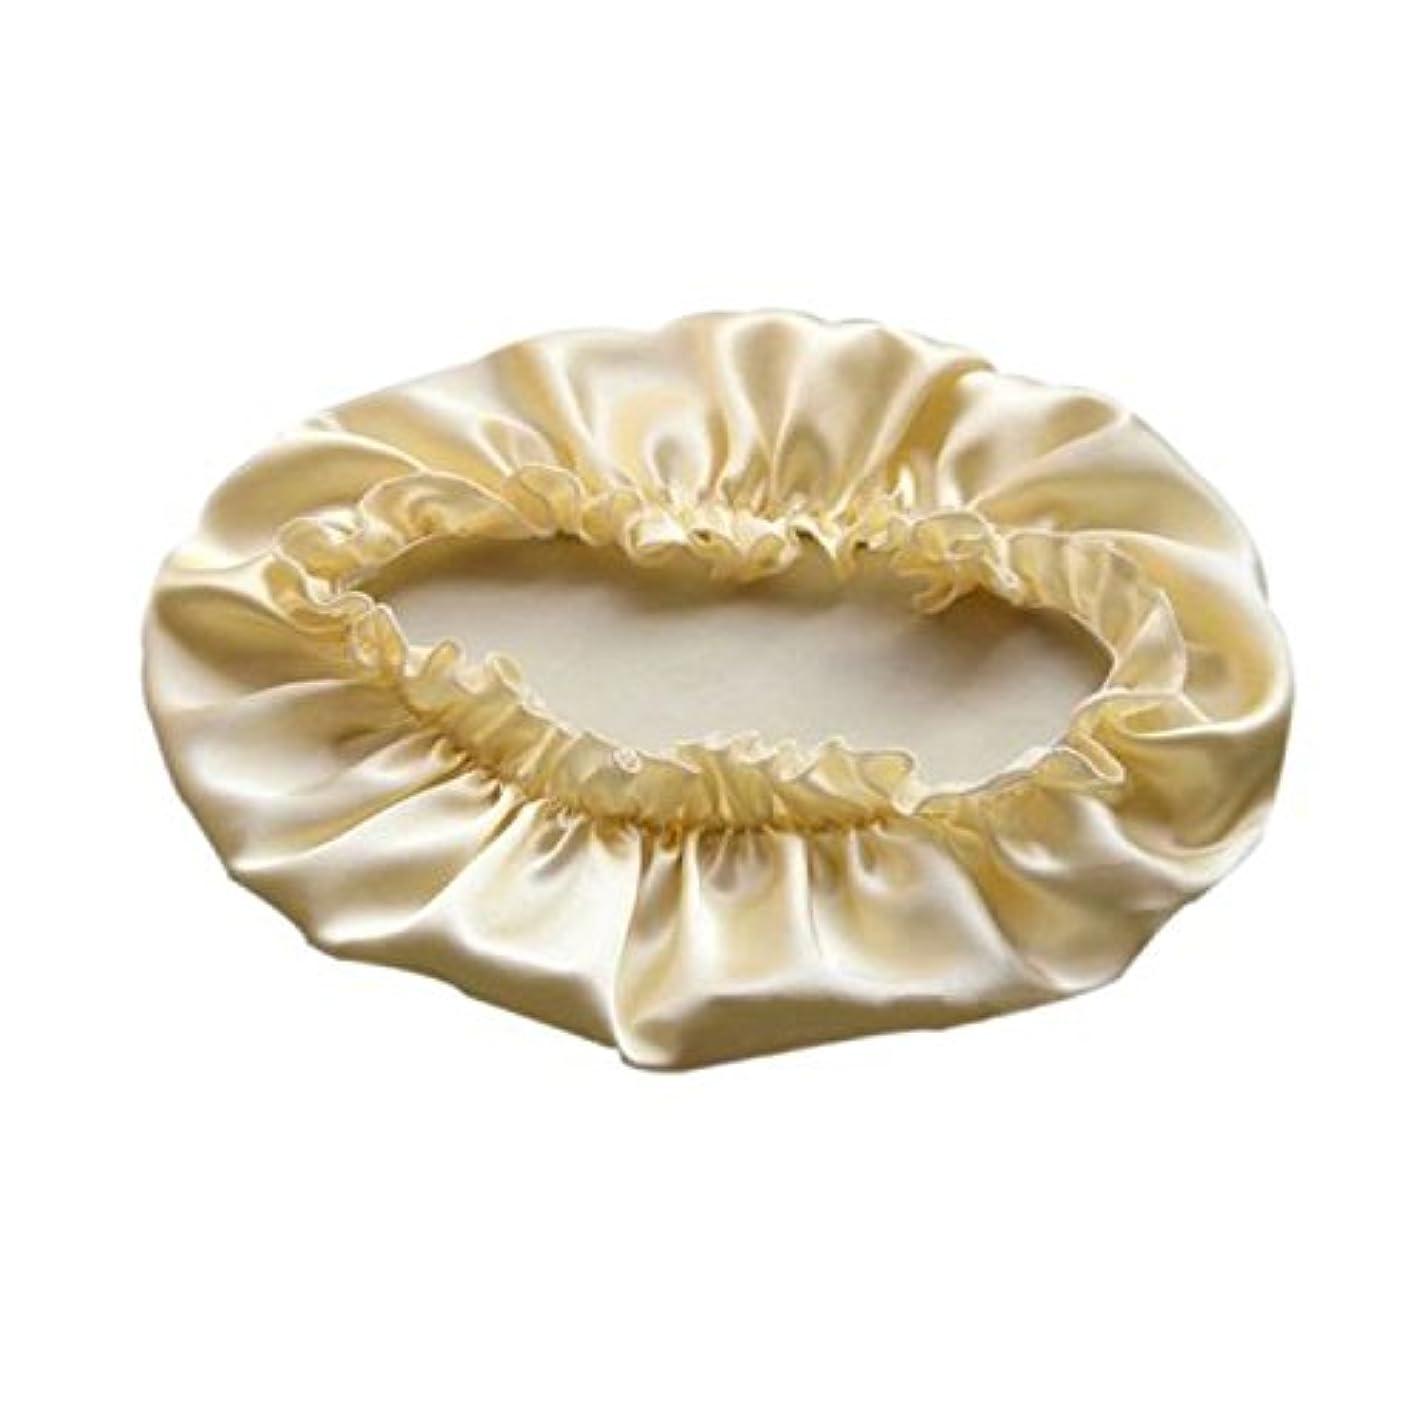 クラシック熱意換気アンミダ(ANMIDA)シルク100%ナイトキャップ  天然シルク ナイトキャップ ヘアーキャップ メンズ レディース 美髪 就寝用帽子 室内帽子 通気性抜群